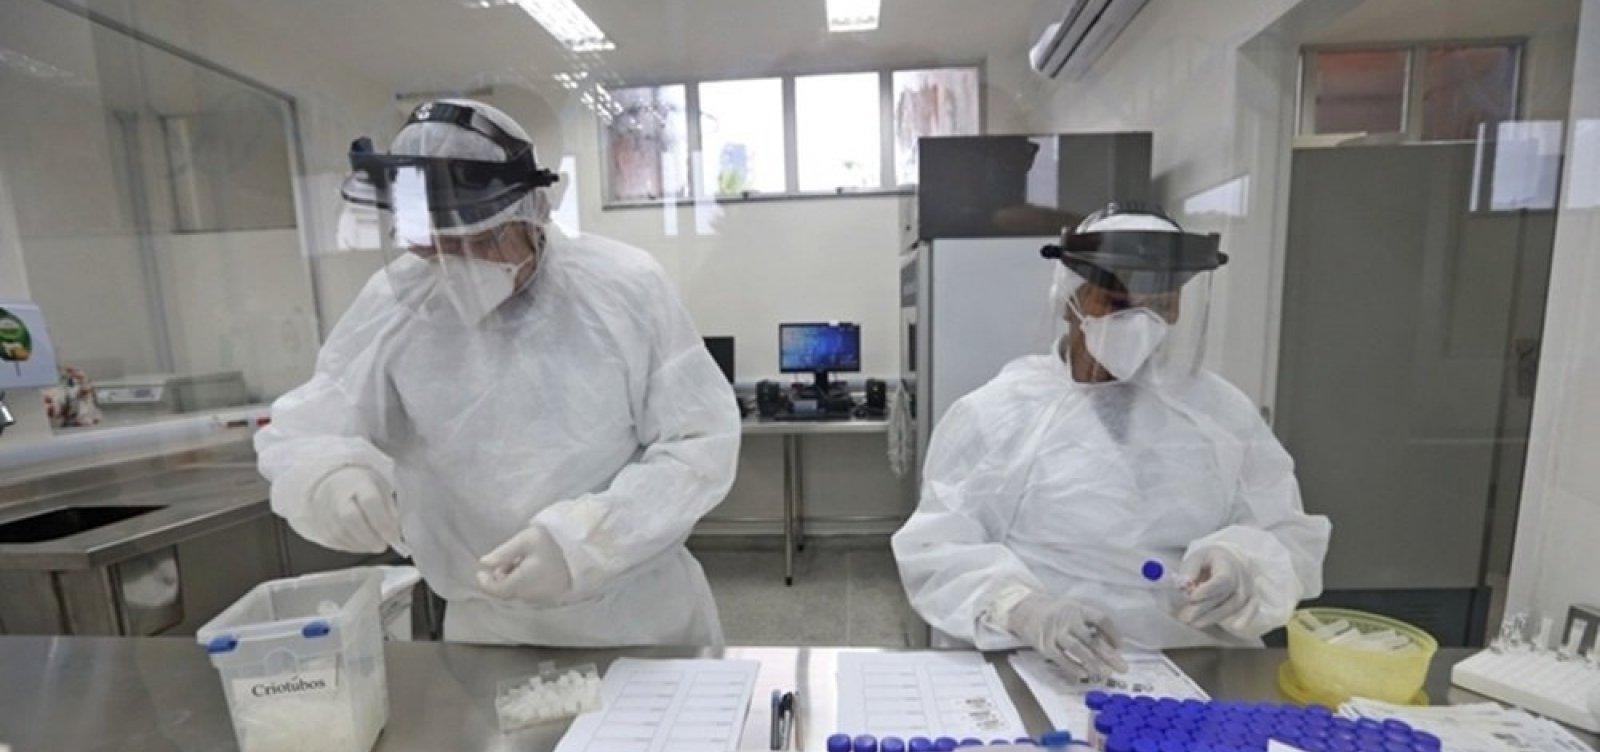 Bahia registra 1.861 novos casos de Covid-19 nas últimas 24 horas; total de mortes é de 7.432